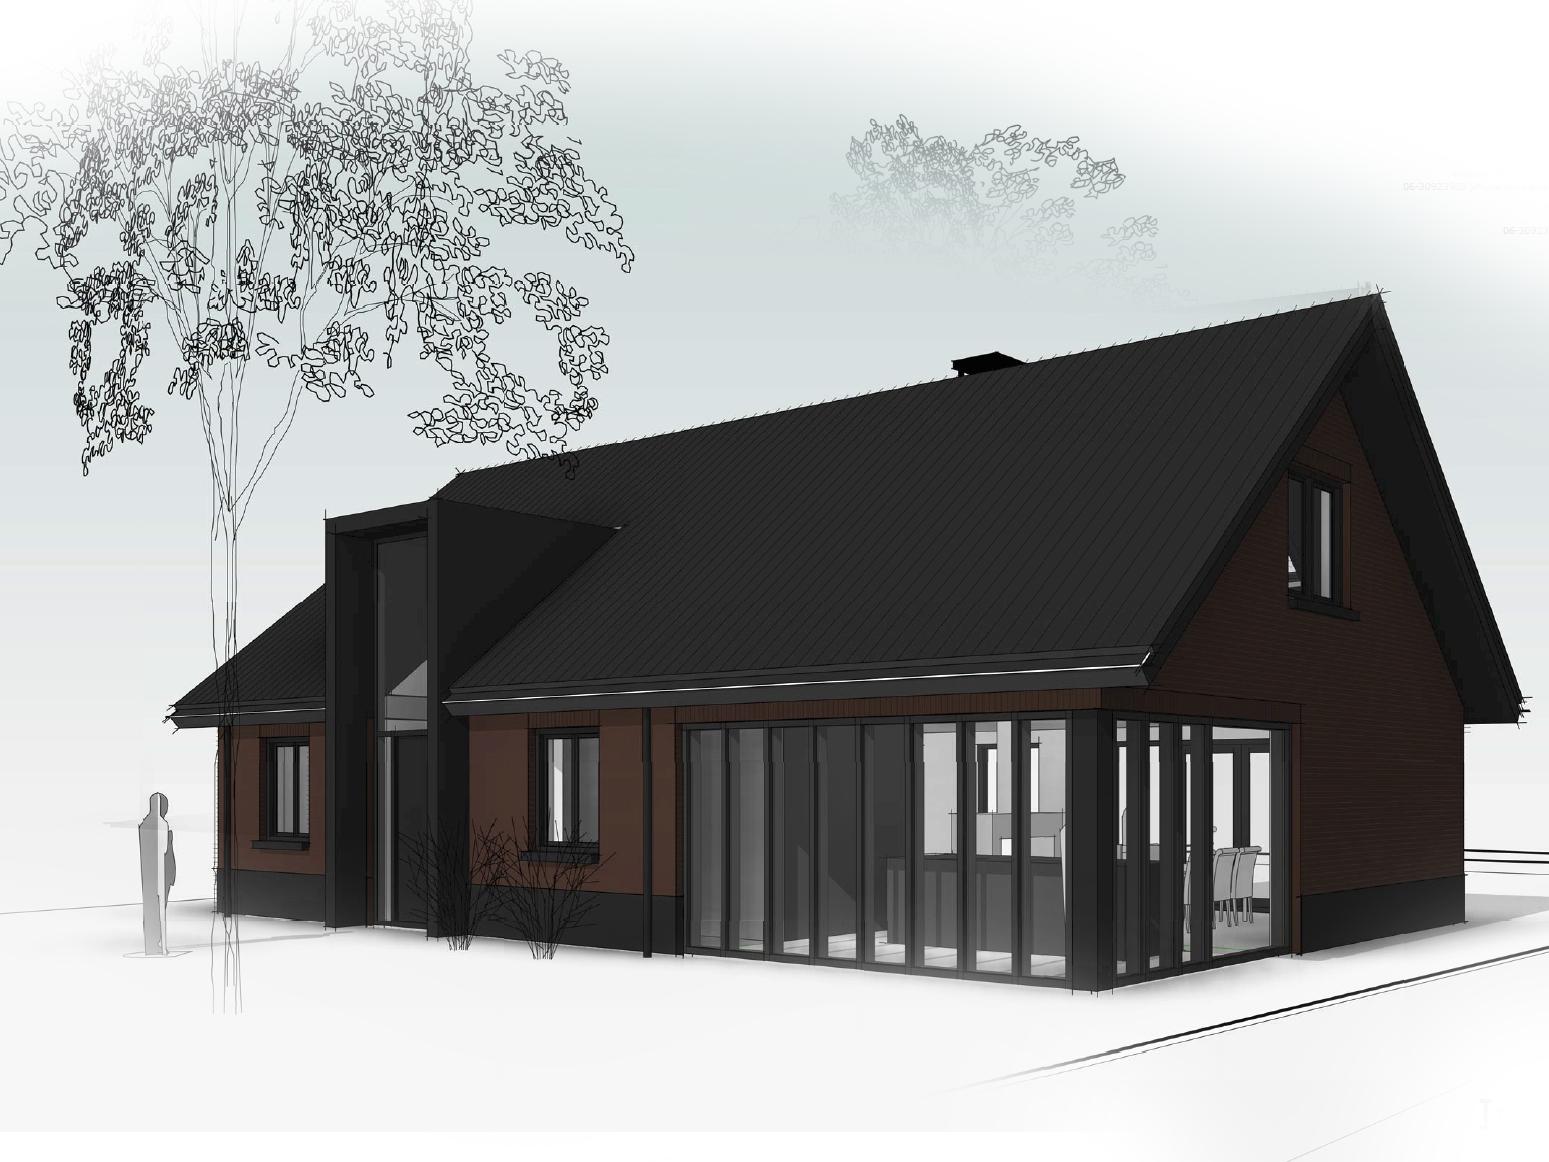 schuurwoning-donker-met-dakpannen-en-dakkapel-twello-van-oord-architectuur-en-design-wenum-wiesel-architect-voorst-architect-apeldoorn-0